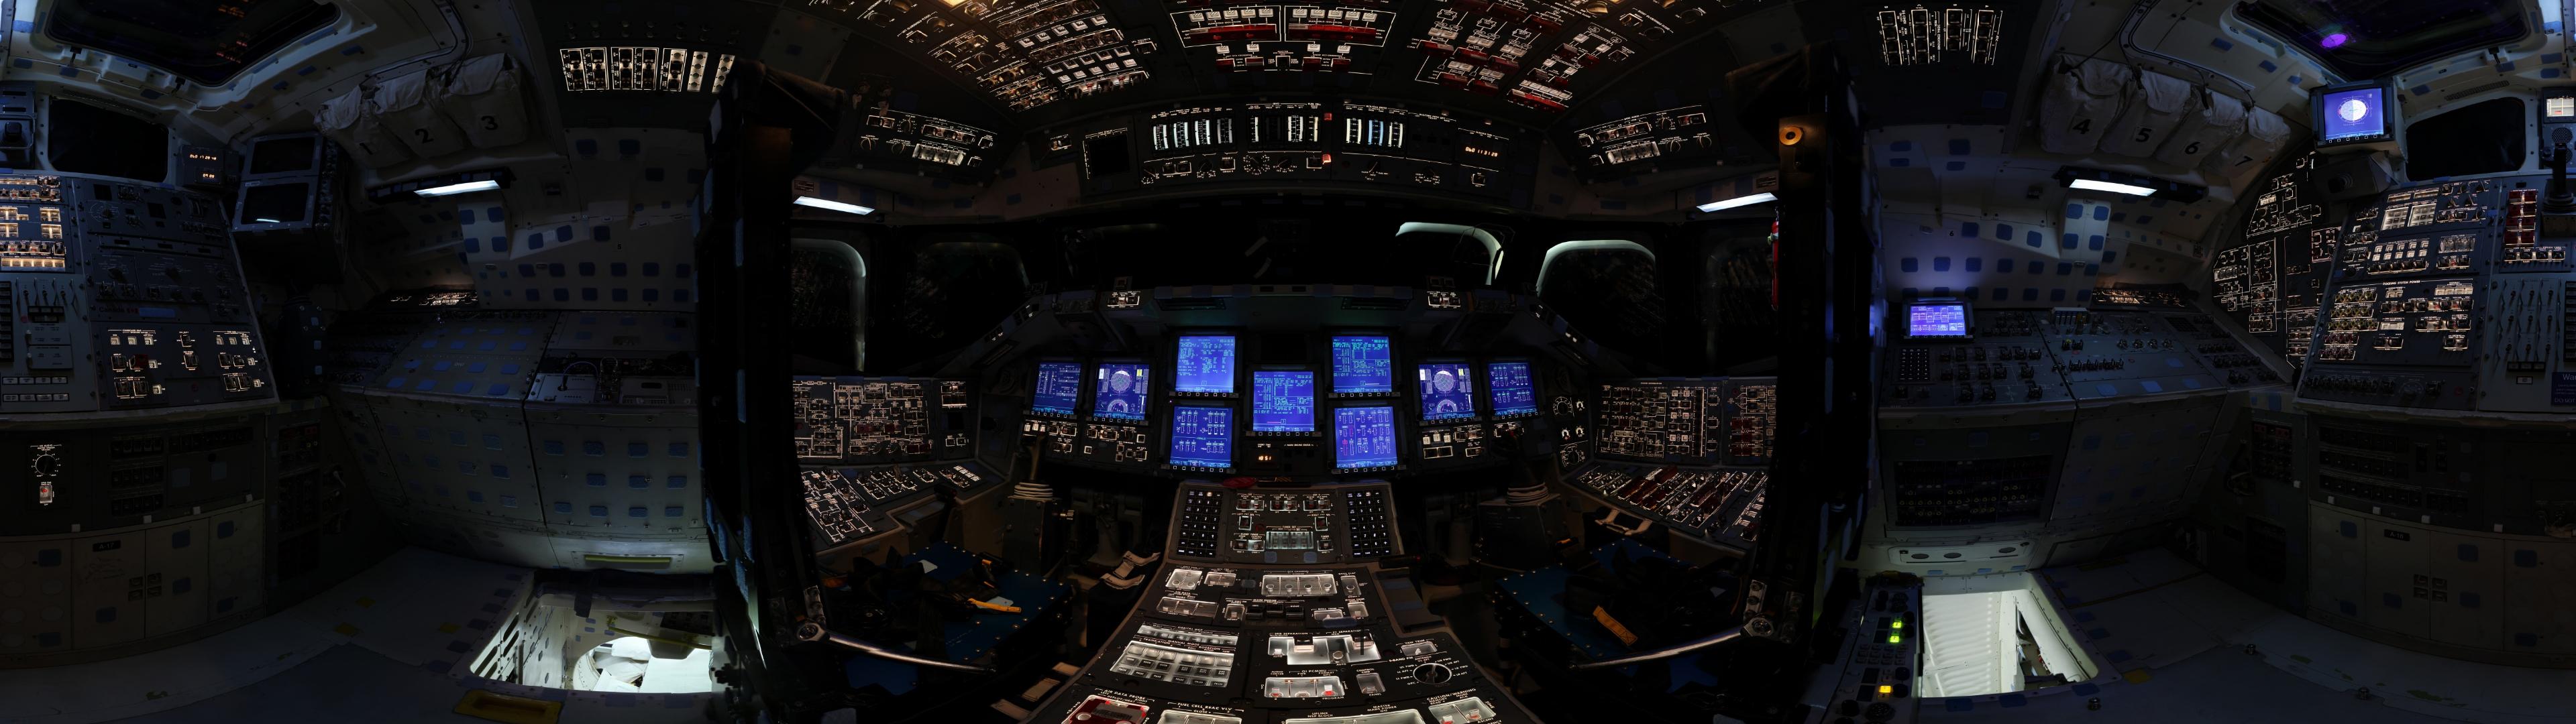 Cockpit Wallpaper Dual Monitor 3840x1080 Wallpaper Teahub Io